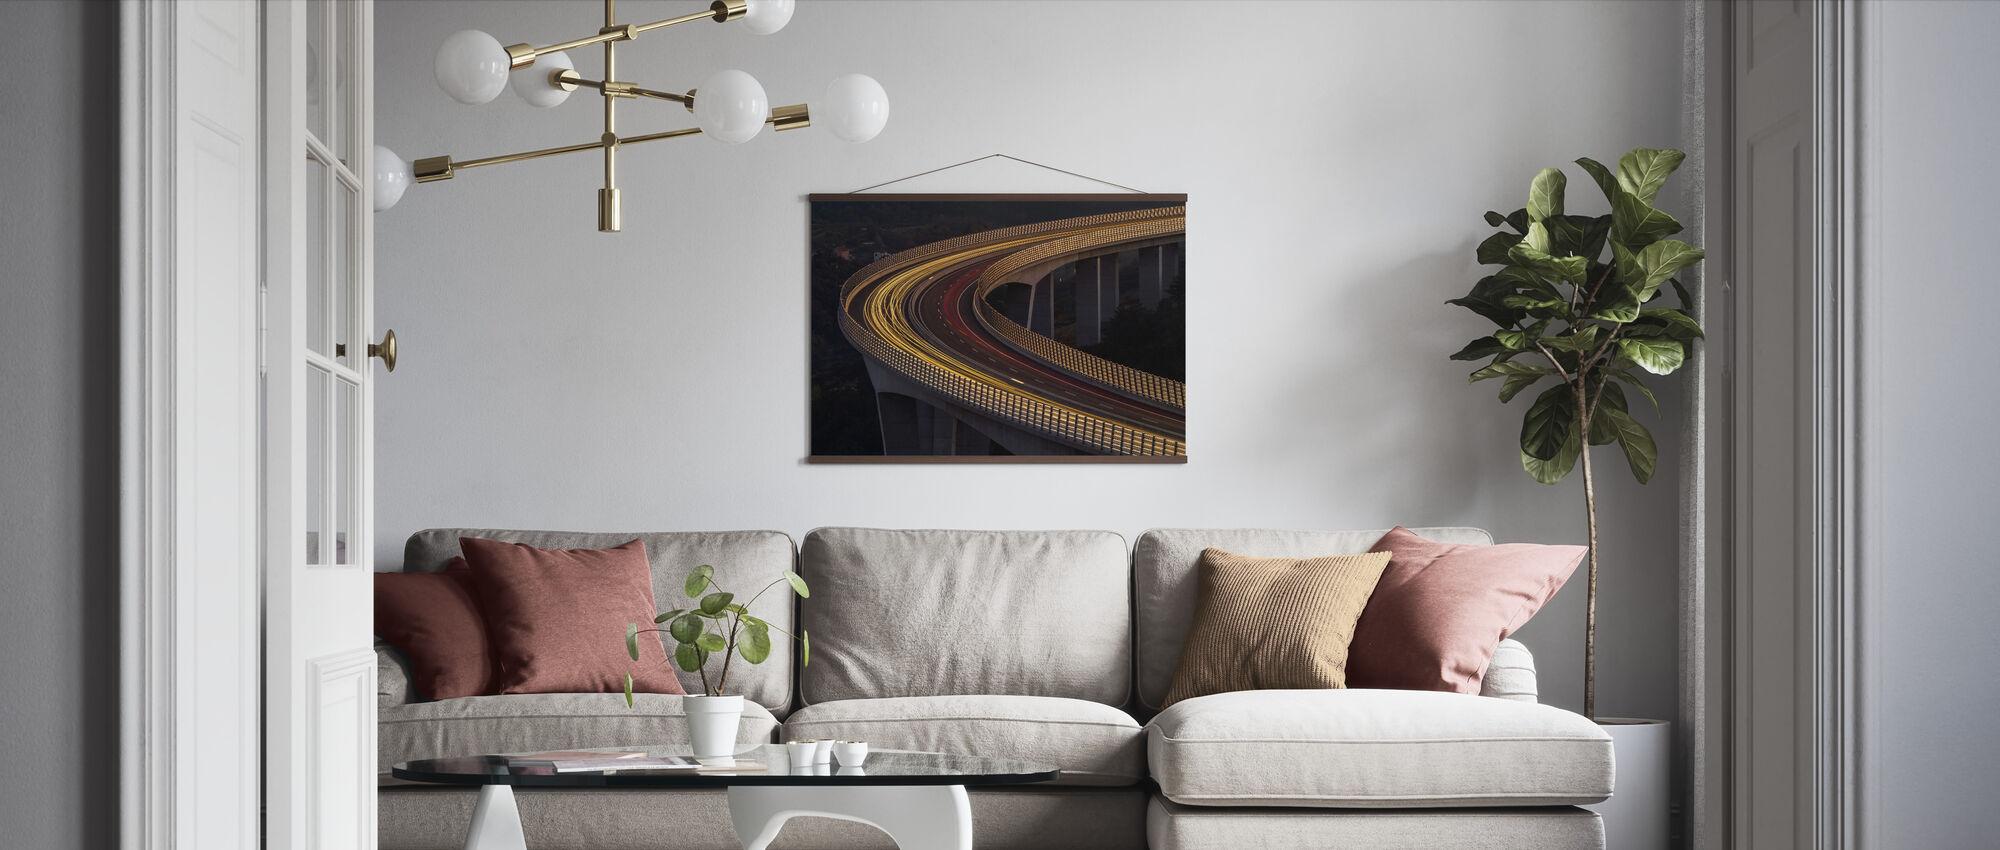 Viadukt Crni Kal - Poster - Living Room